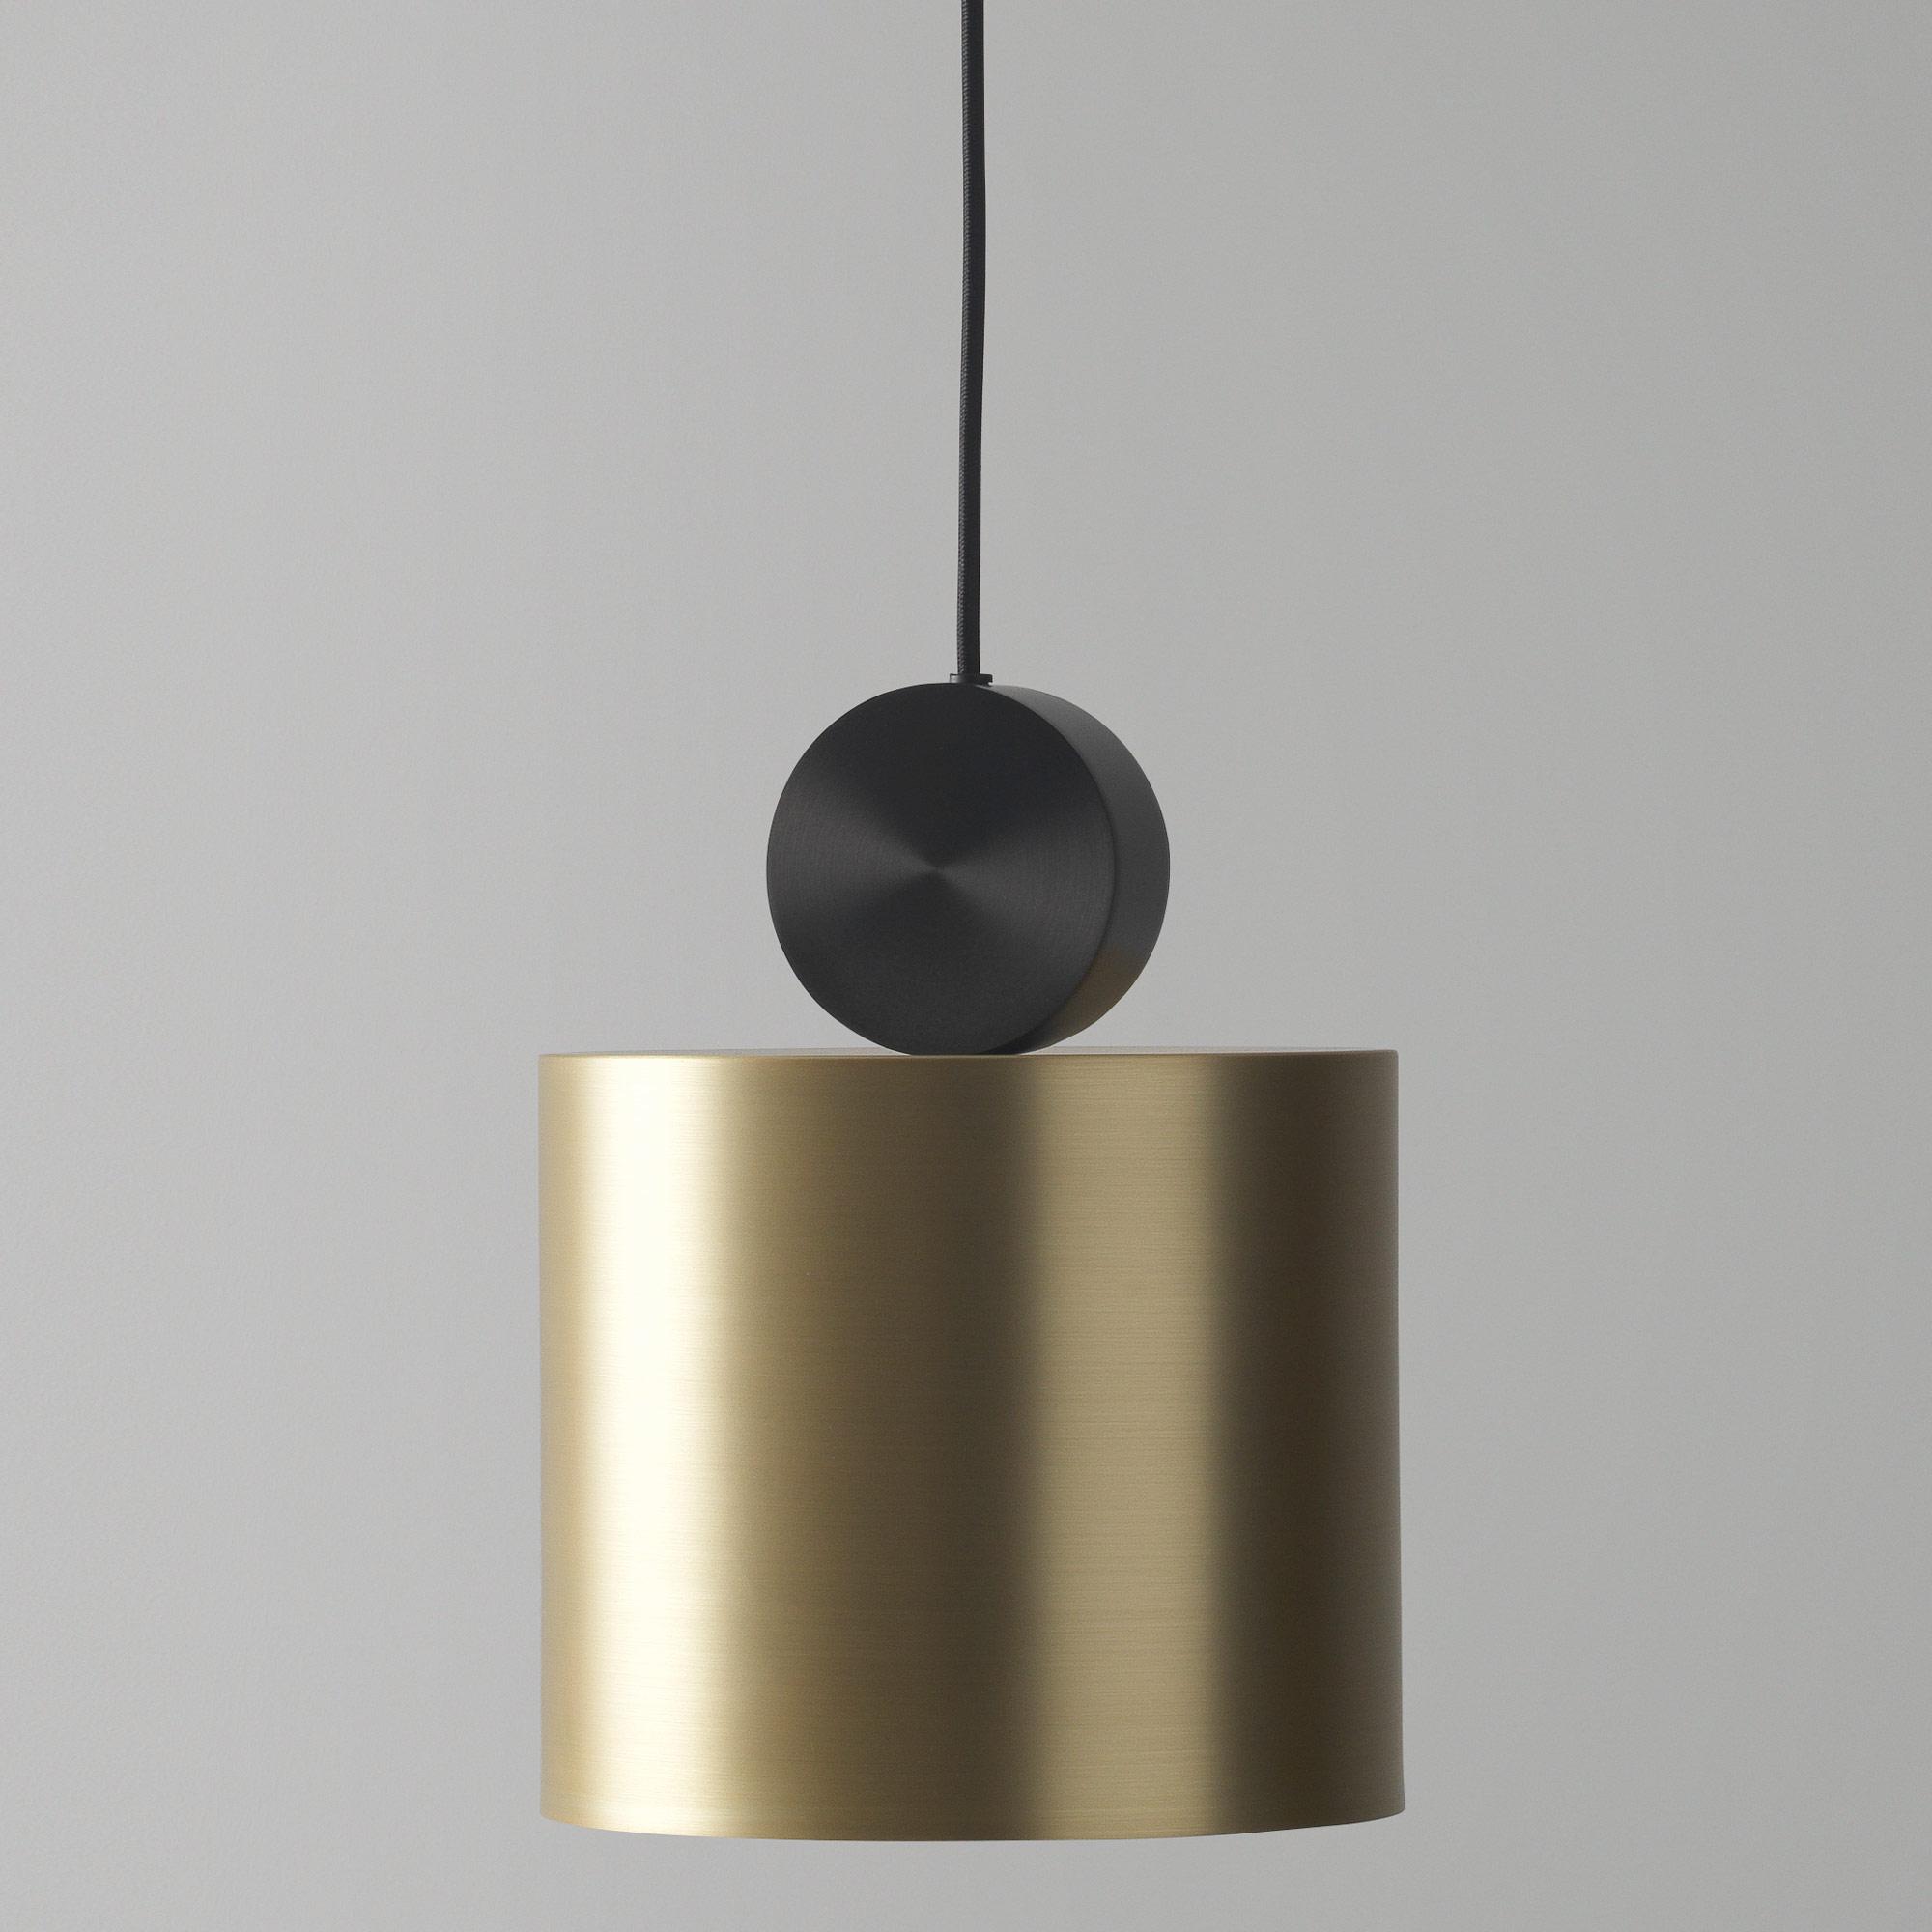 Подвесной светодиодный светильник LUSTRAM Calée 23 CALE PENDANT V2 23, LED, матовое золото, черный, металл - фото 2